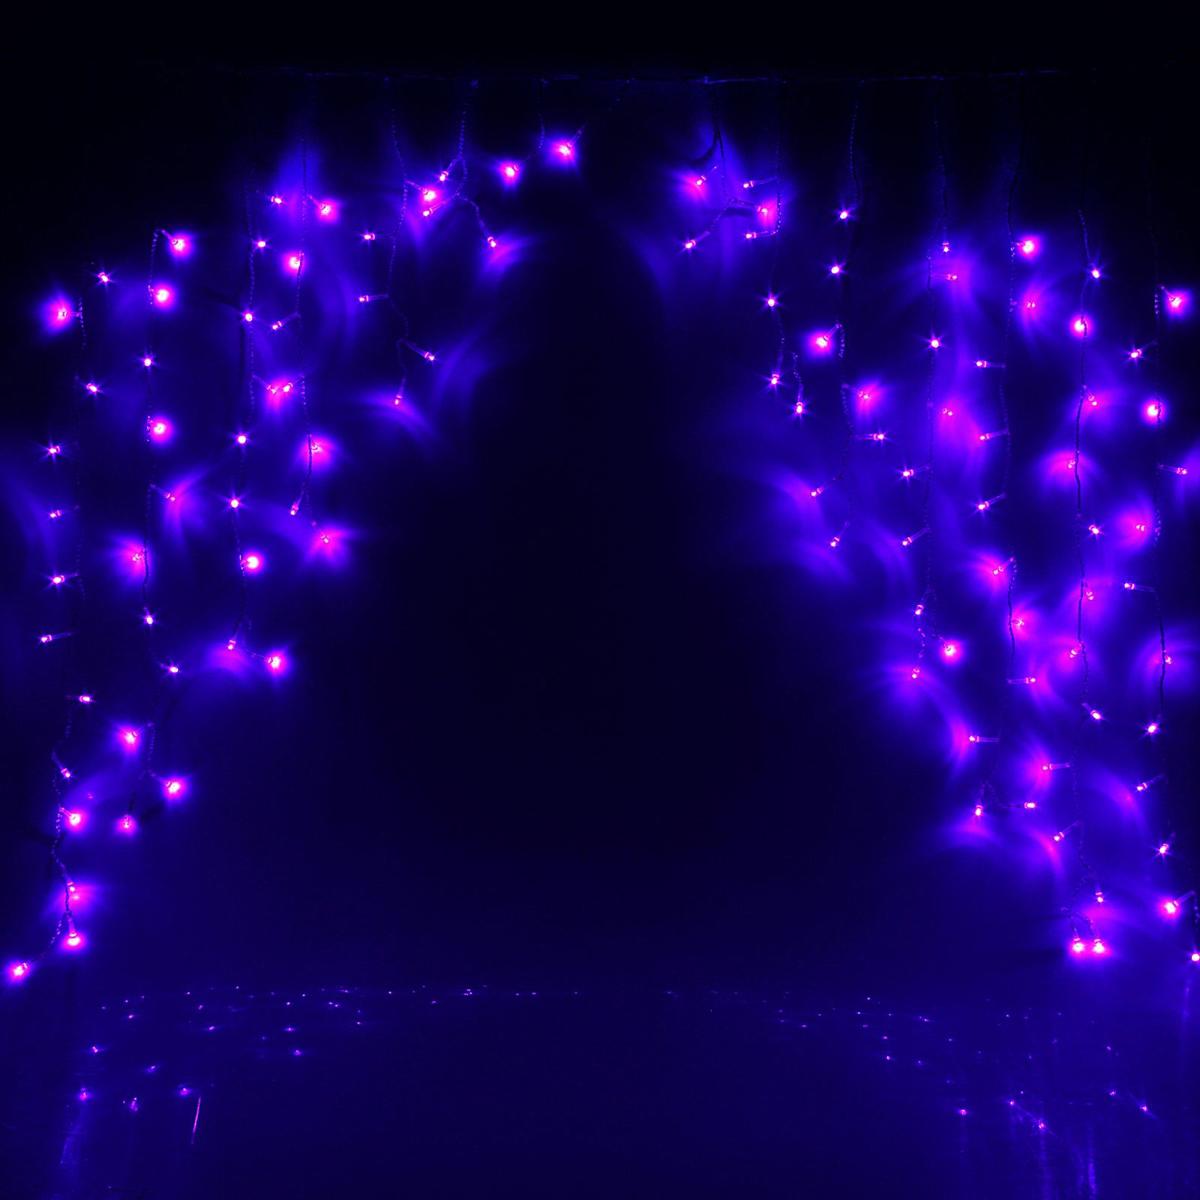 Гирлянда светодиодная Luazon Бахрома. Арка, 8 режимов, 126 ламп, 220 V, цвет: фиолетовый, 1 х 1 м. 10804351080435Светодиодные гирлянды, ленты и т.д — это отличный вариант для новогоднего оформления интерьера или фасада. С их помощью помещение любого размера можно превратить в праздничный зал, а внешние элементы зданий, украшенные ими, мгновенно станут напоминать очертания сказочного дворца. Такие украшения создают ауру предвкушения чуда. Деревья, фасады, витрины, окна и арки будто специально созданы, чтобы вы украсили их светящимися нитями.